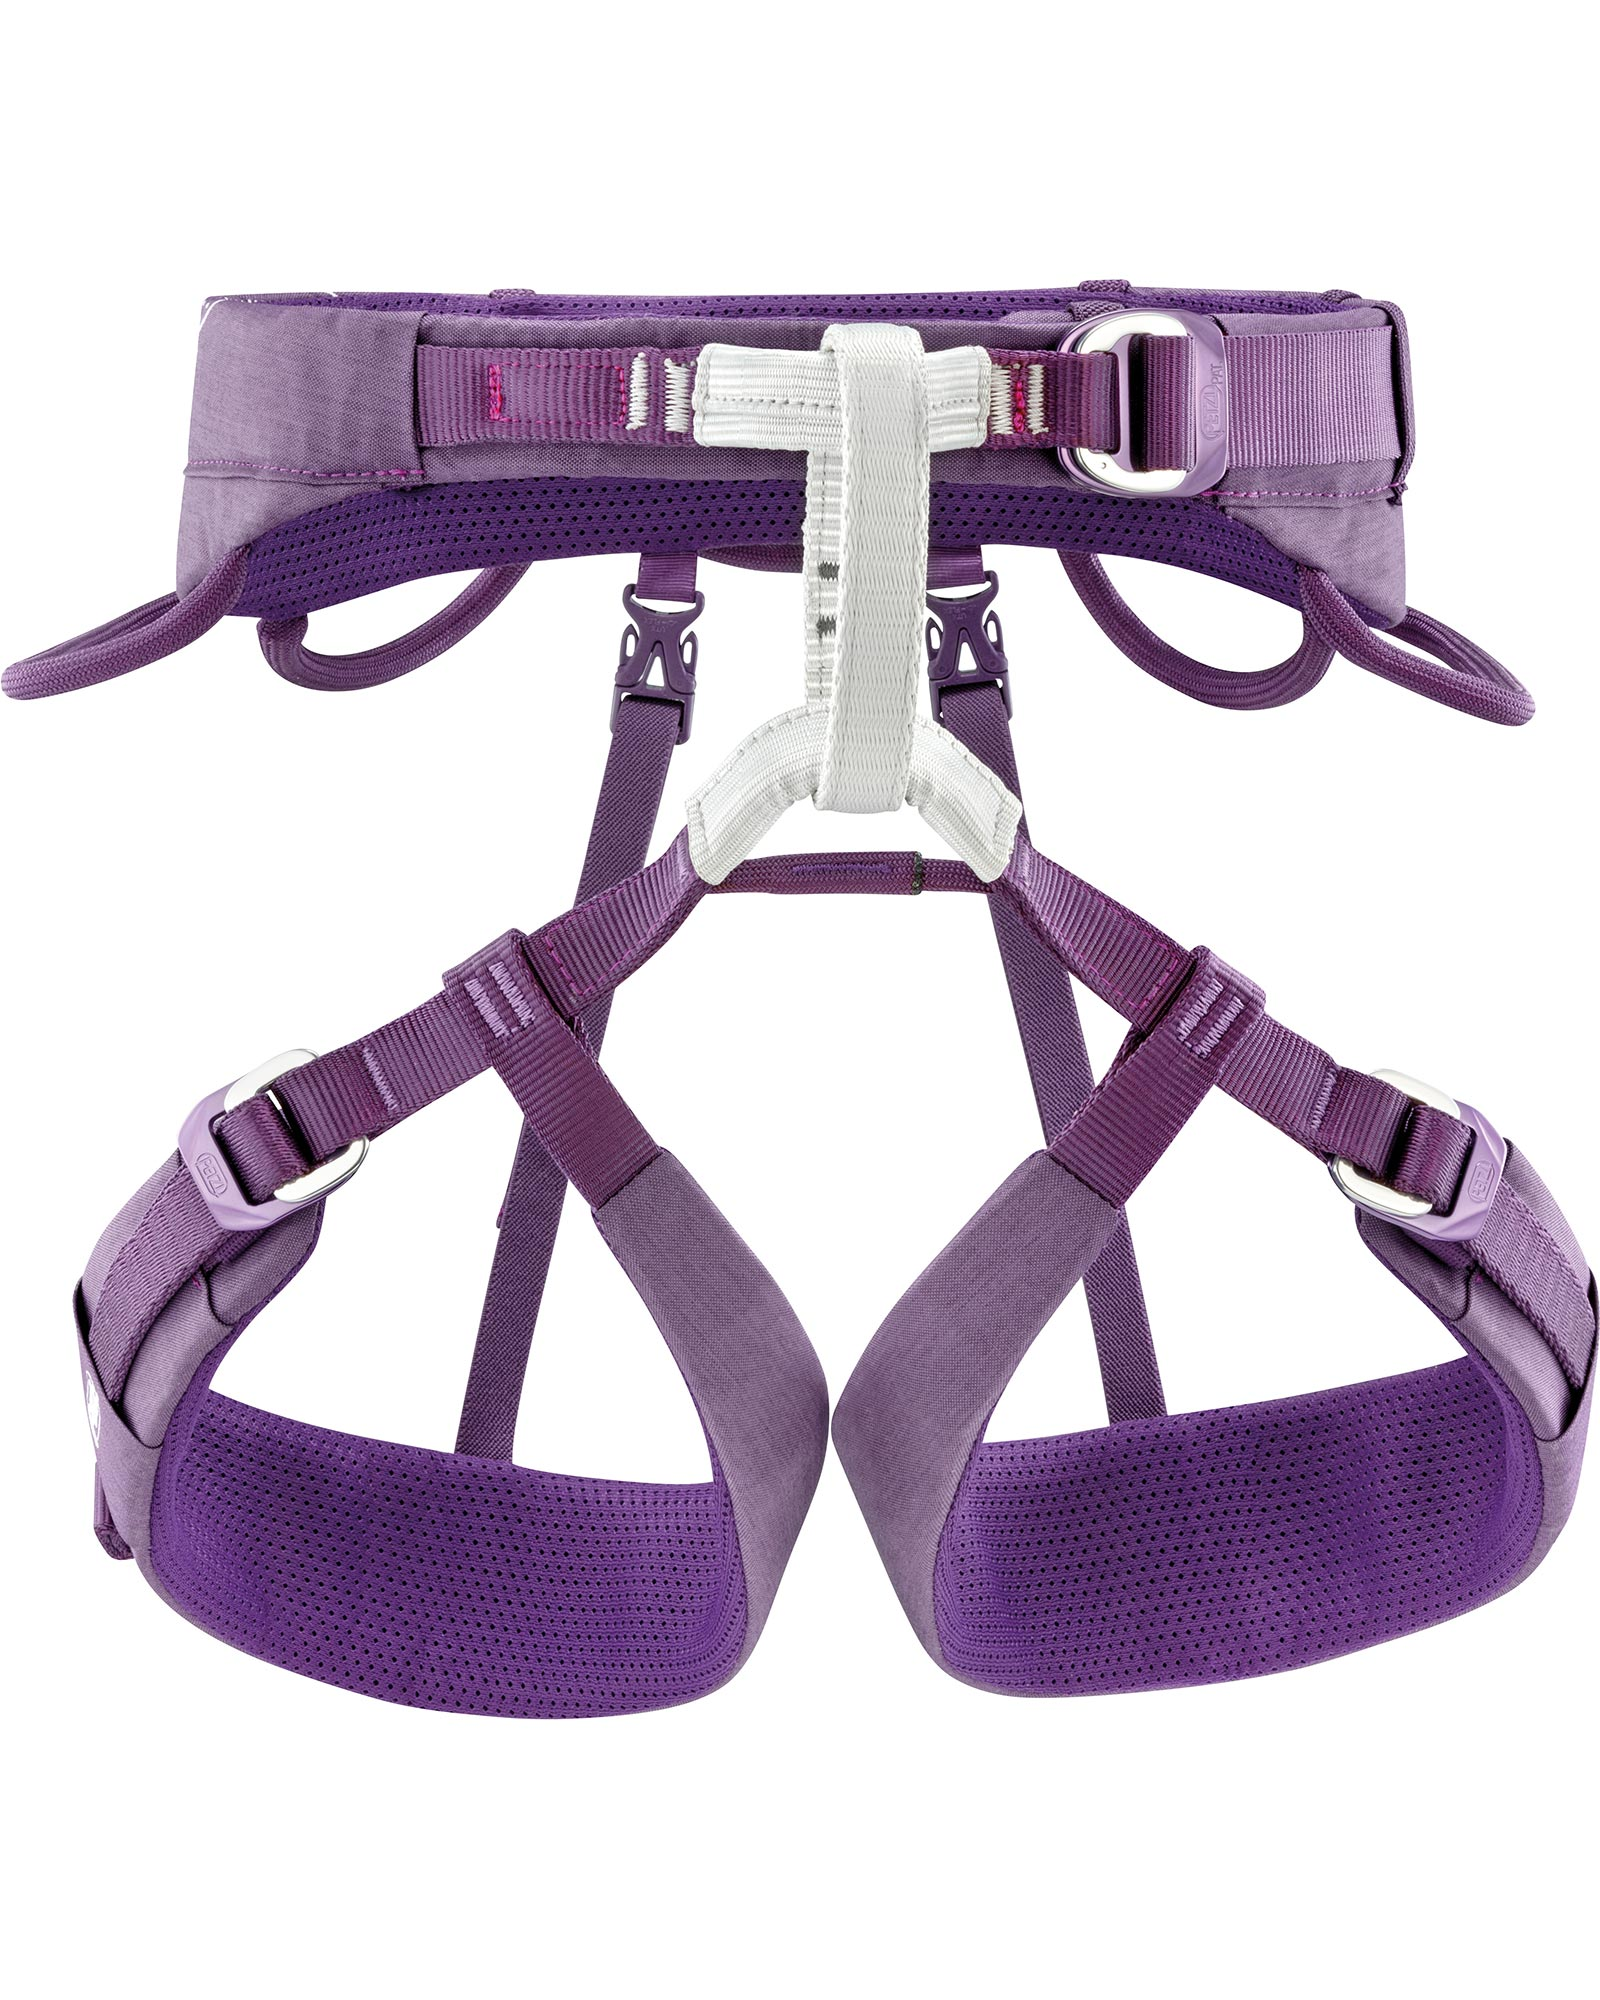 Petzl Women's Luna Climbing Harness 0